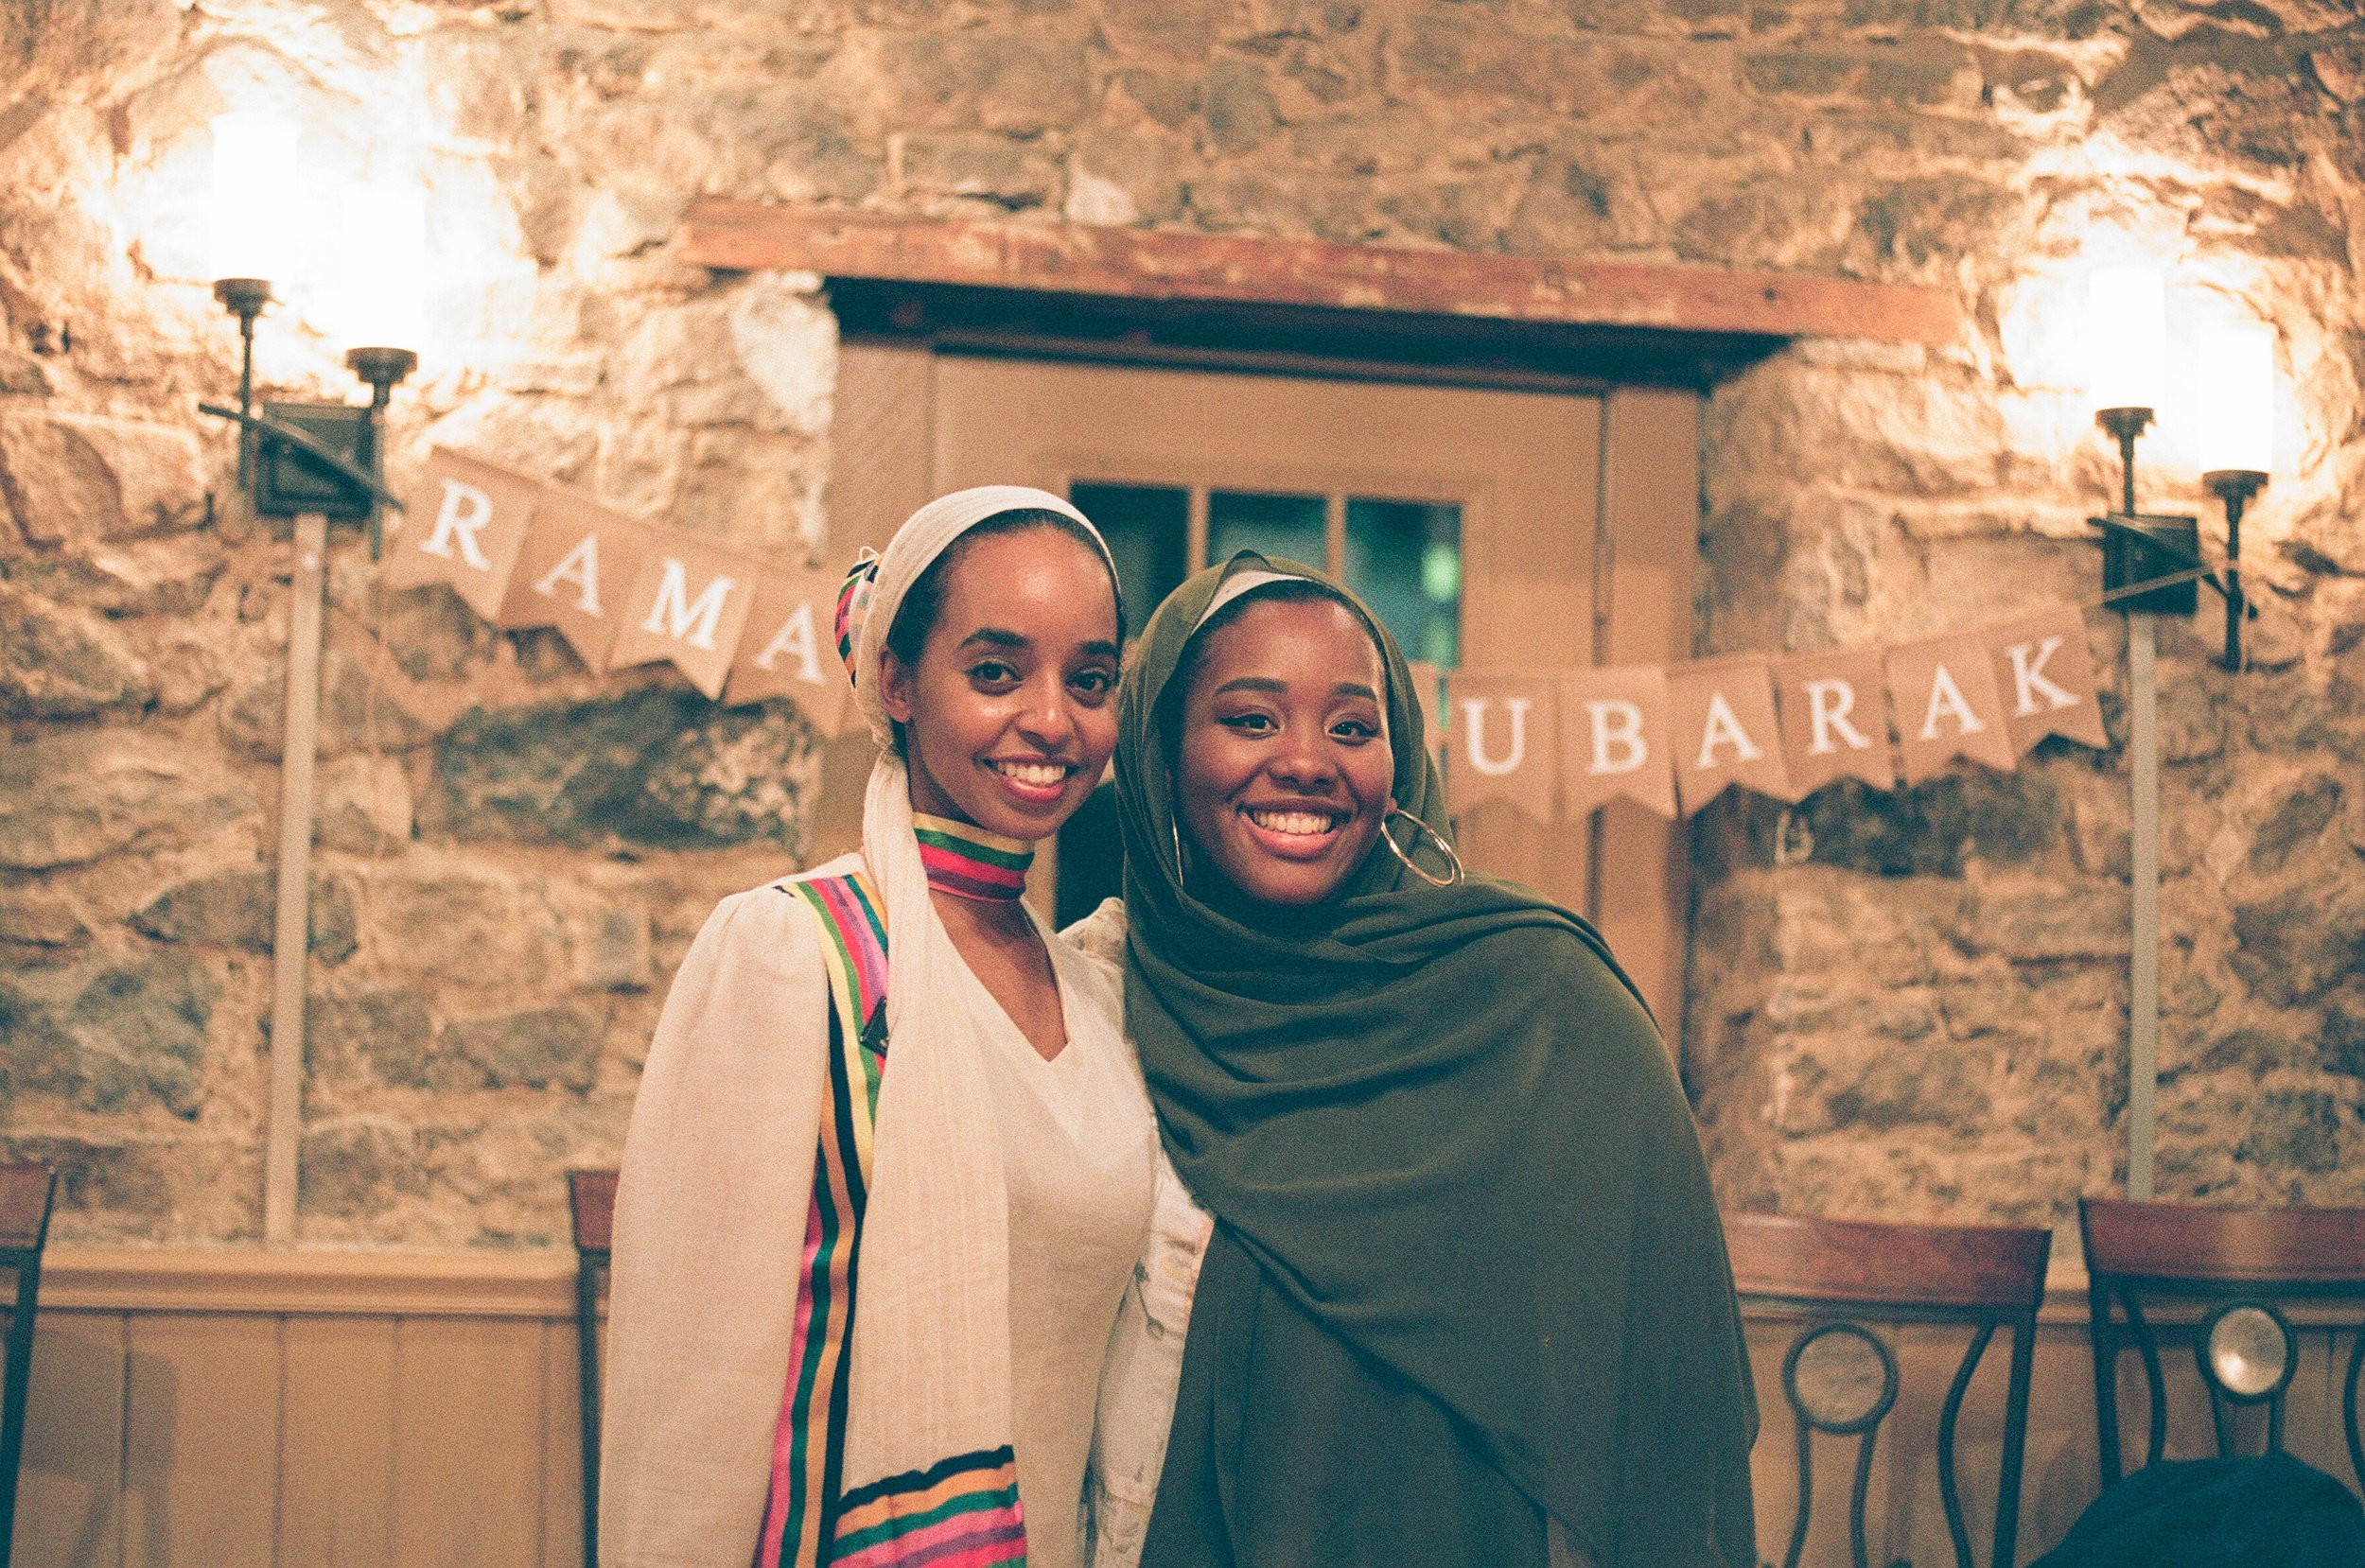 Samira and Sadiyah Bashir